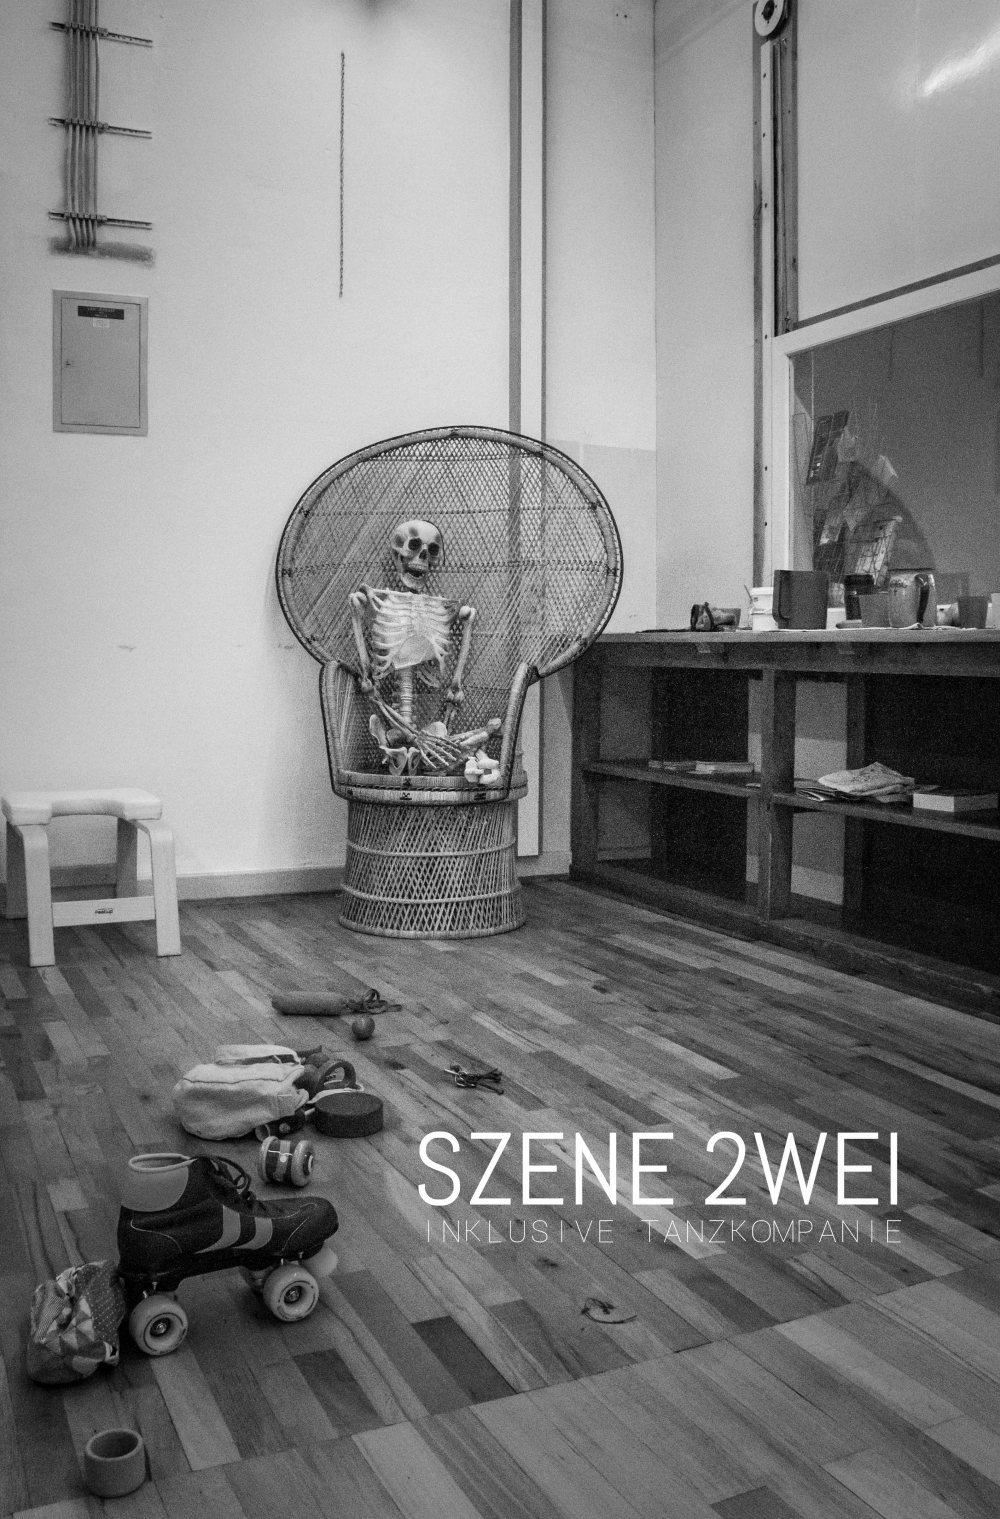 7-scene2wei-7229